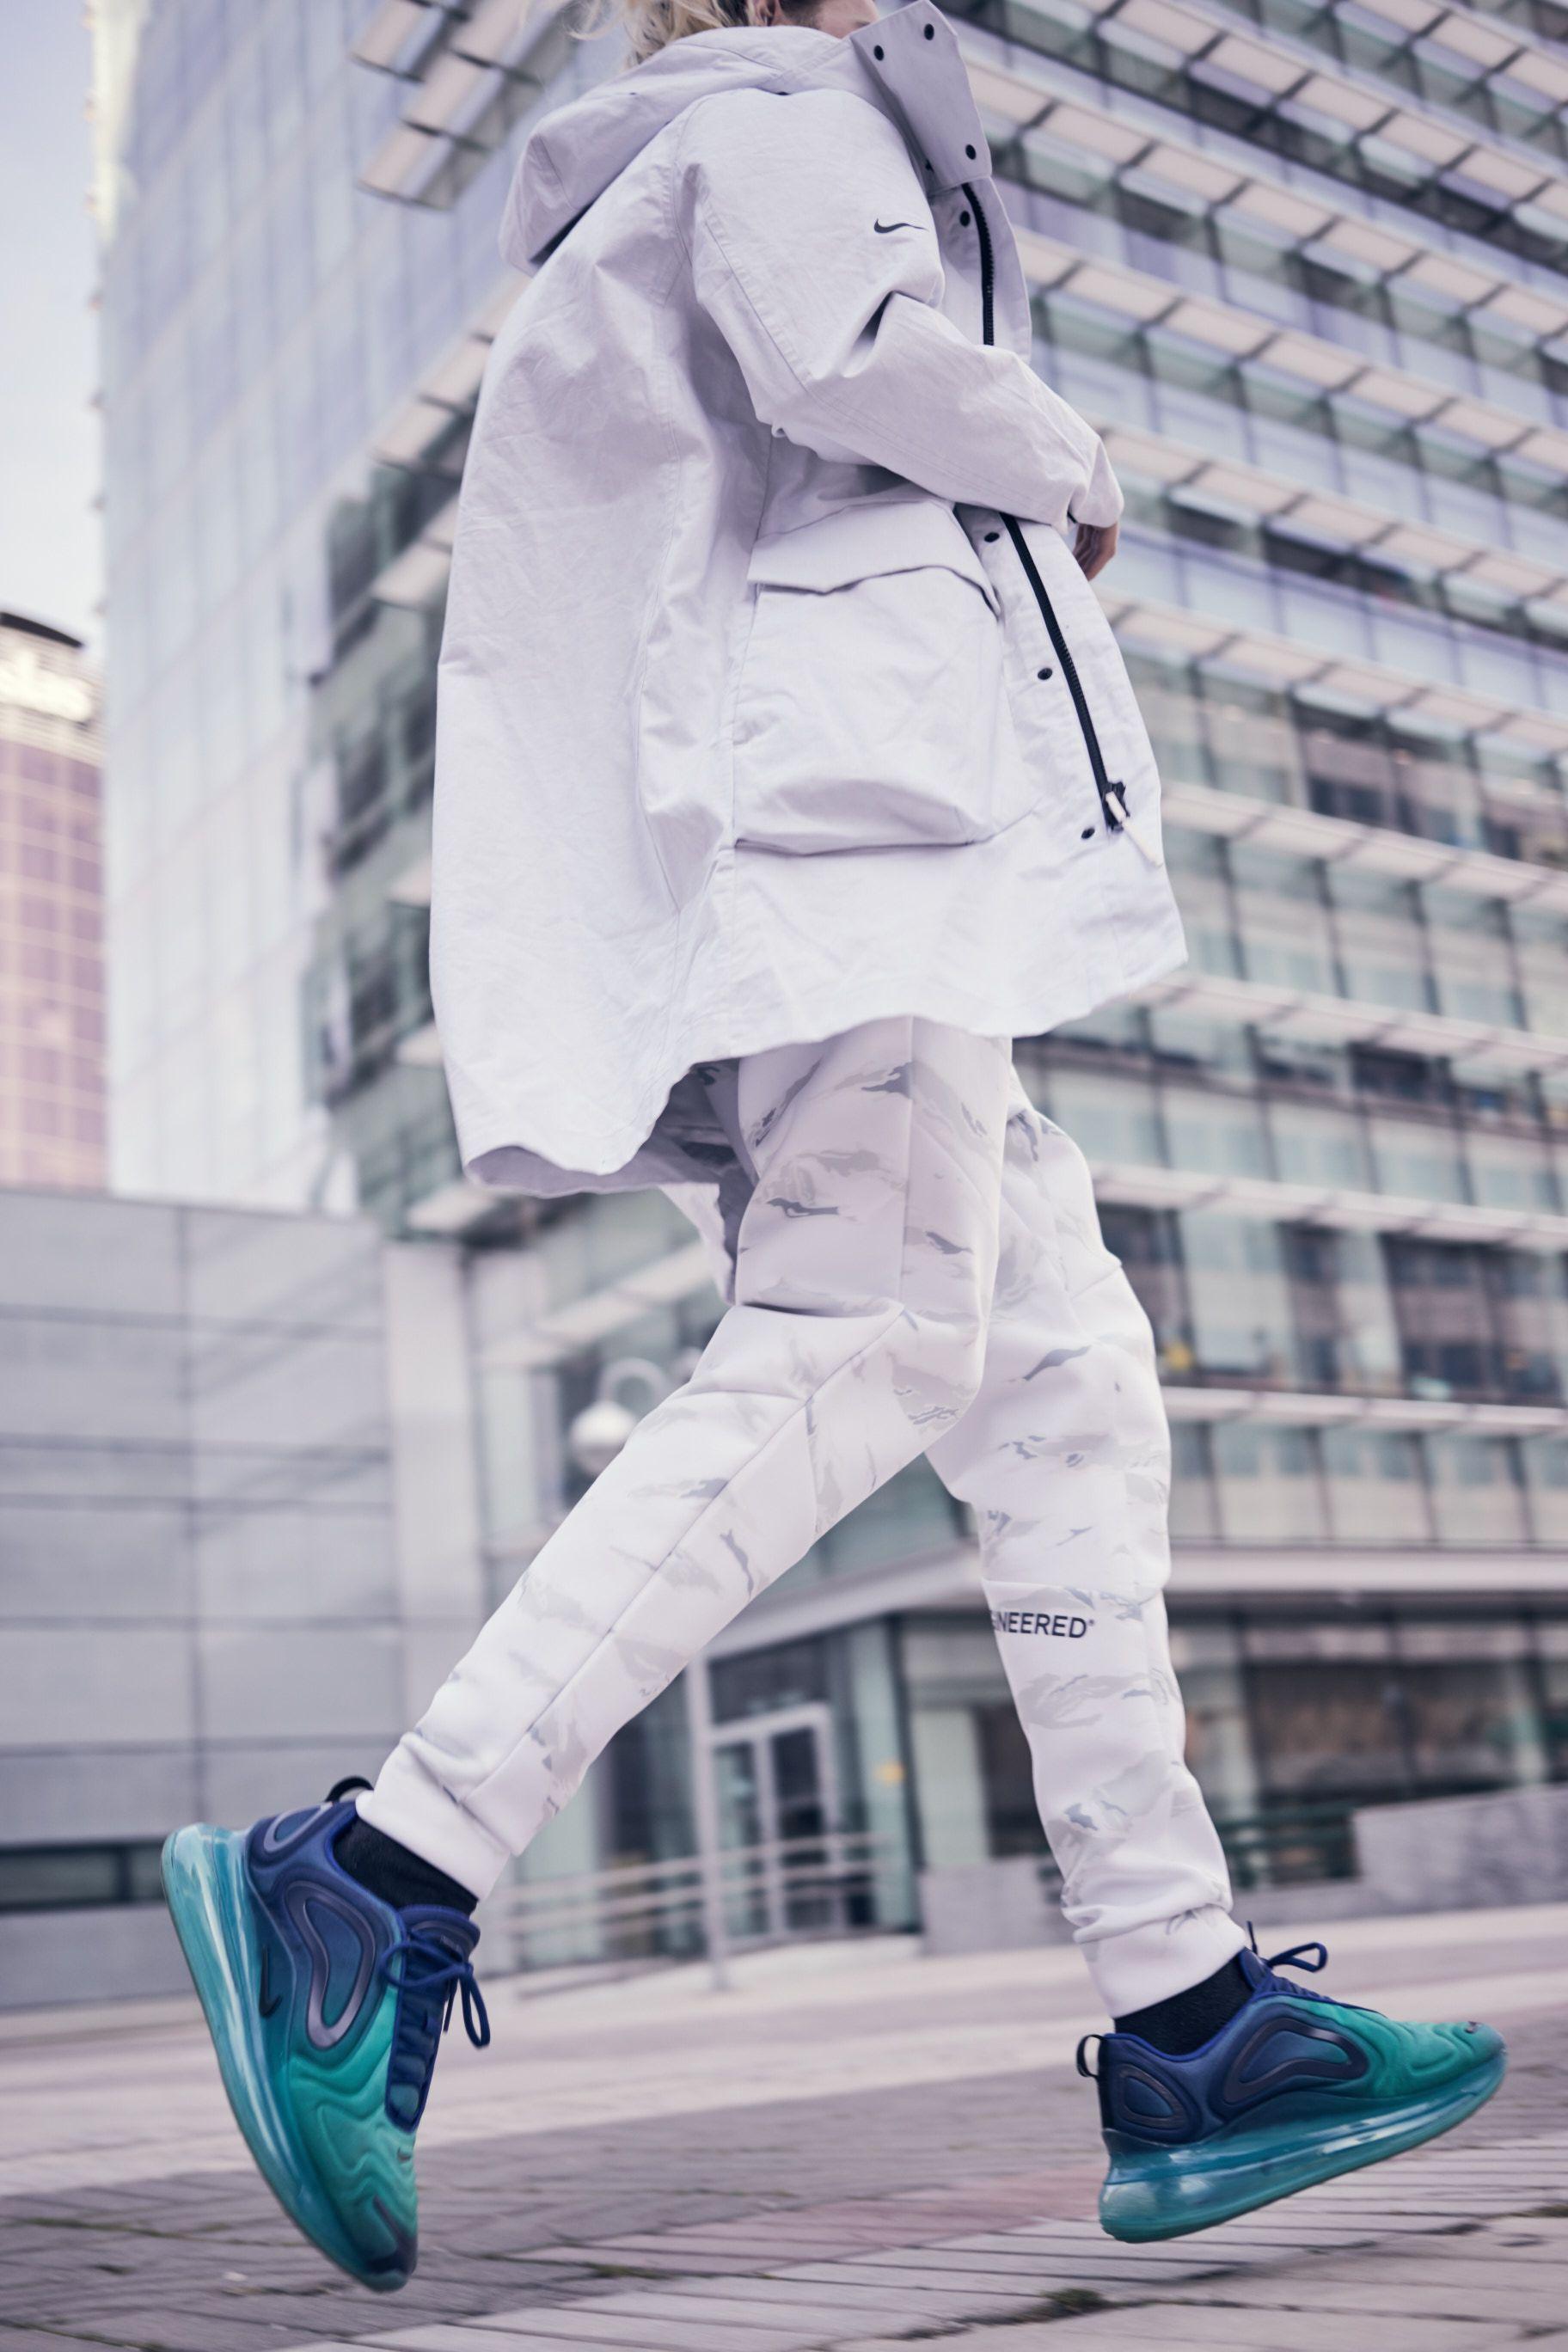 hacha Preparación alquiler  Nike Air Max 720, una zapatilla de otra dimensión - Lo que debes saber de  zapatillas con cámara de aire